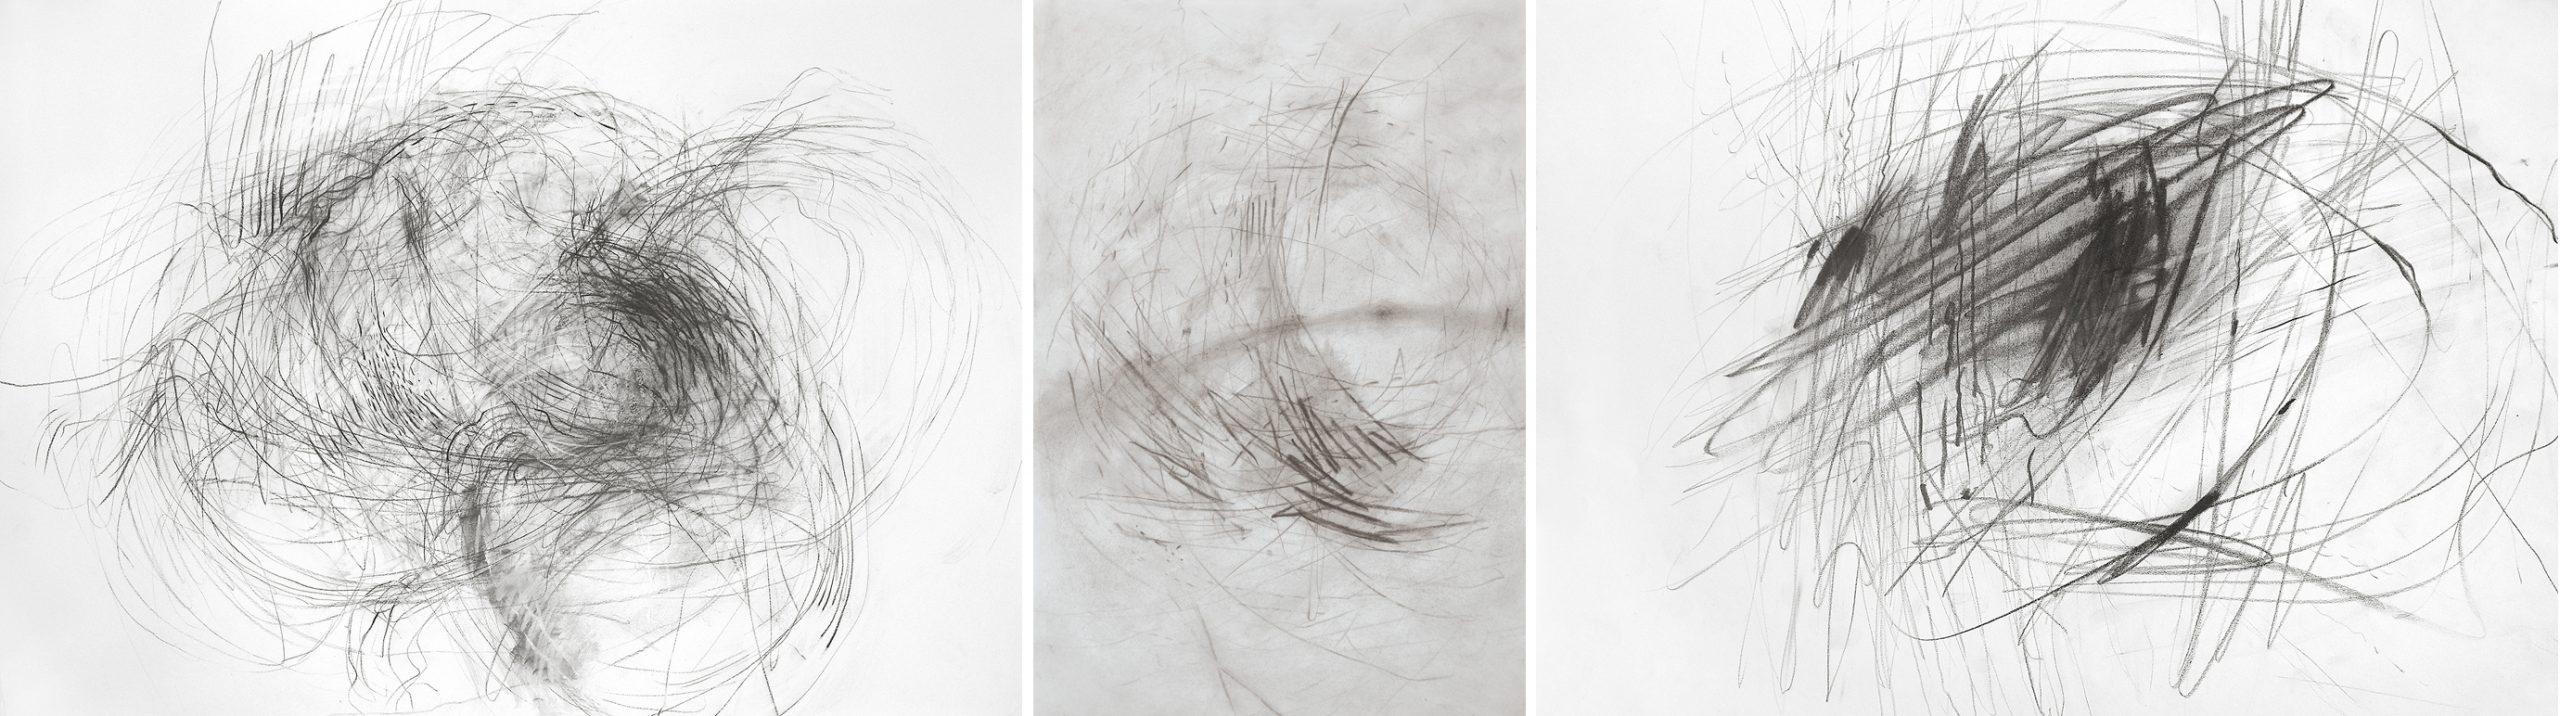 70 x100 cm, kohlestift/karton, 70 x 50 cm, kohle/papier, 50 x 70 cm, grafit/papier